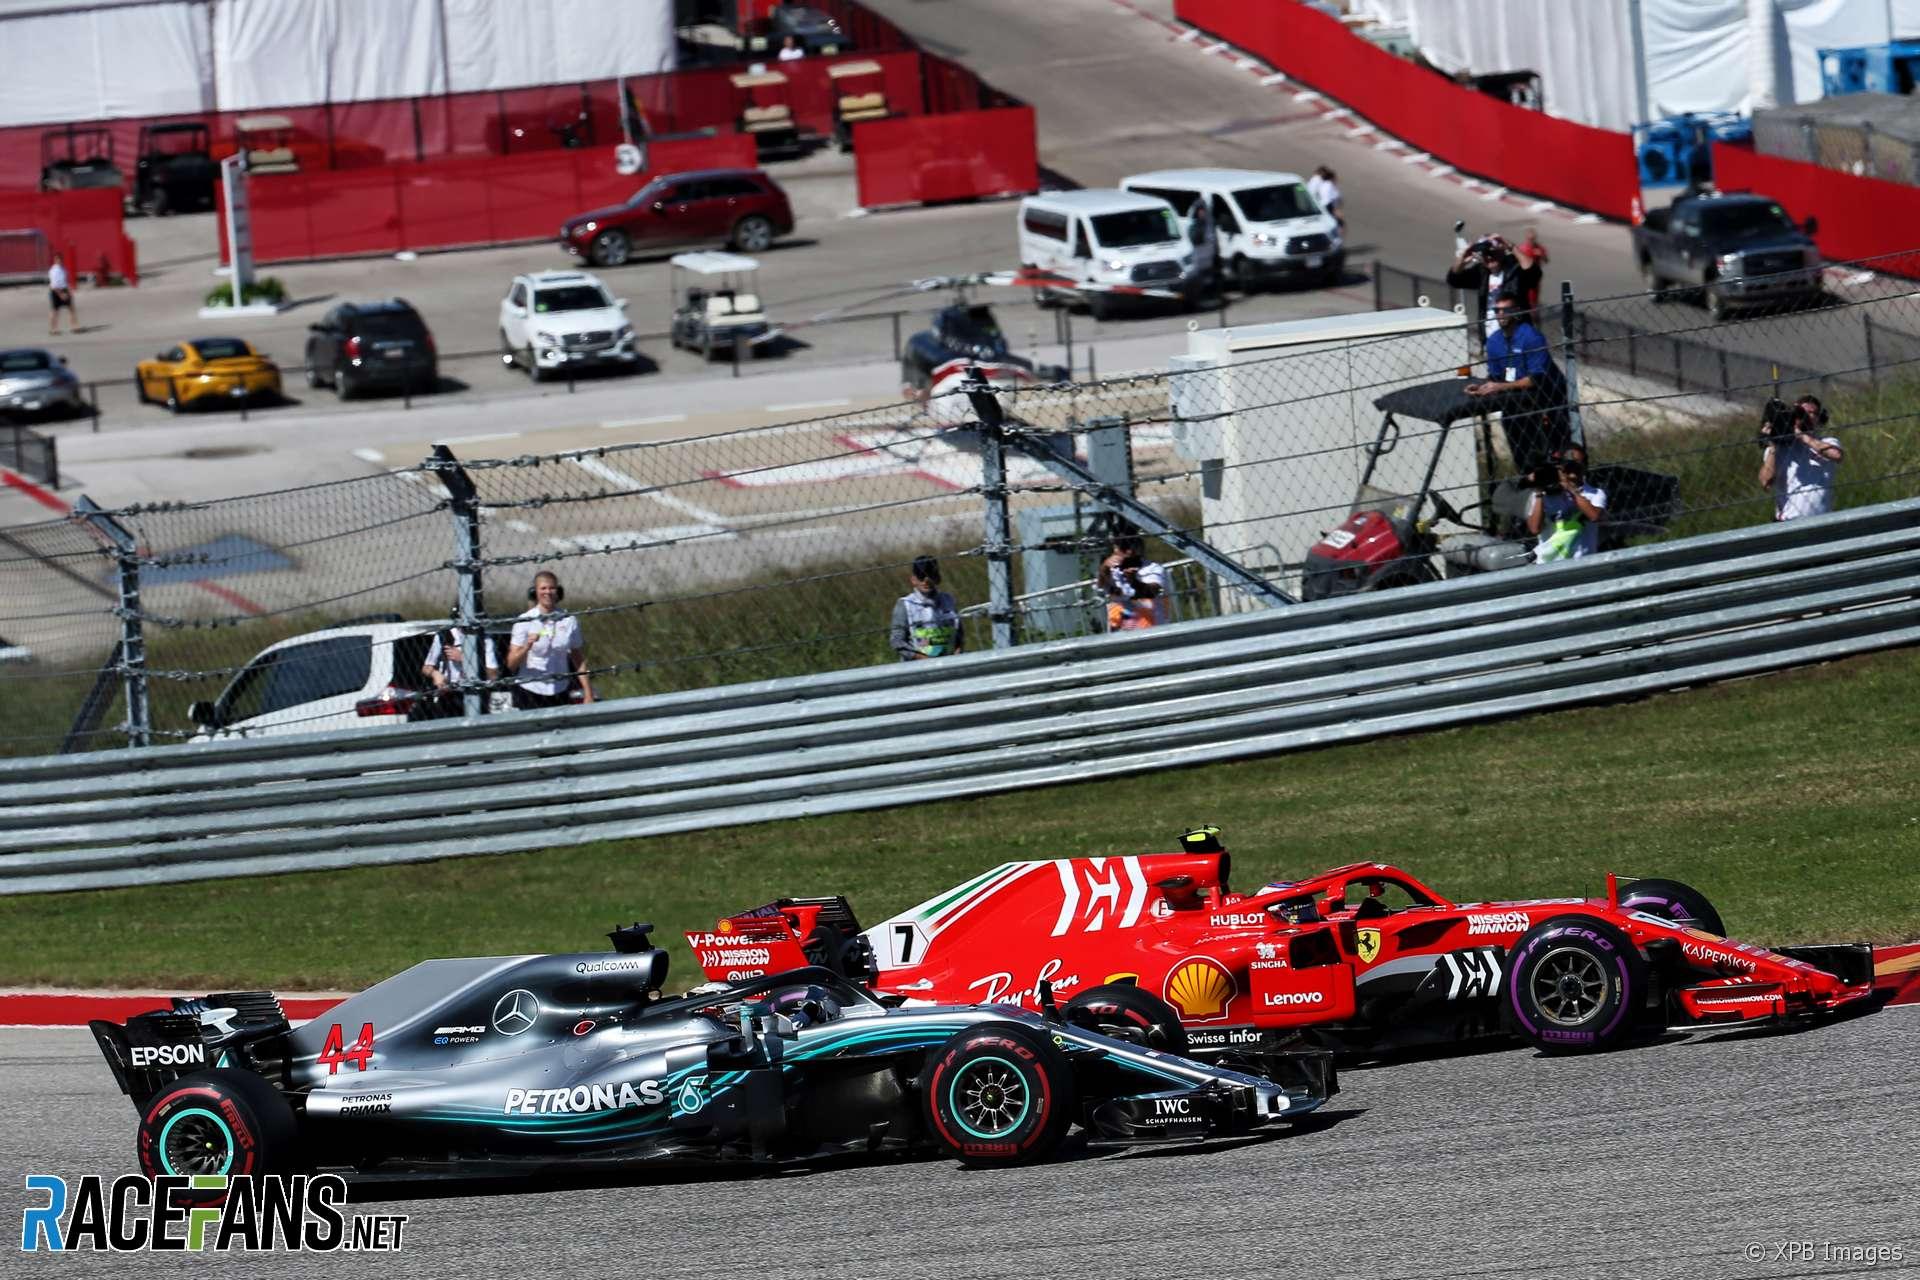 Kimi Raikkonen, Lewis Hamilton, Circuit of the Americas, 2018